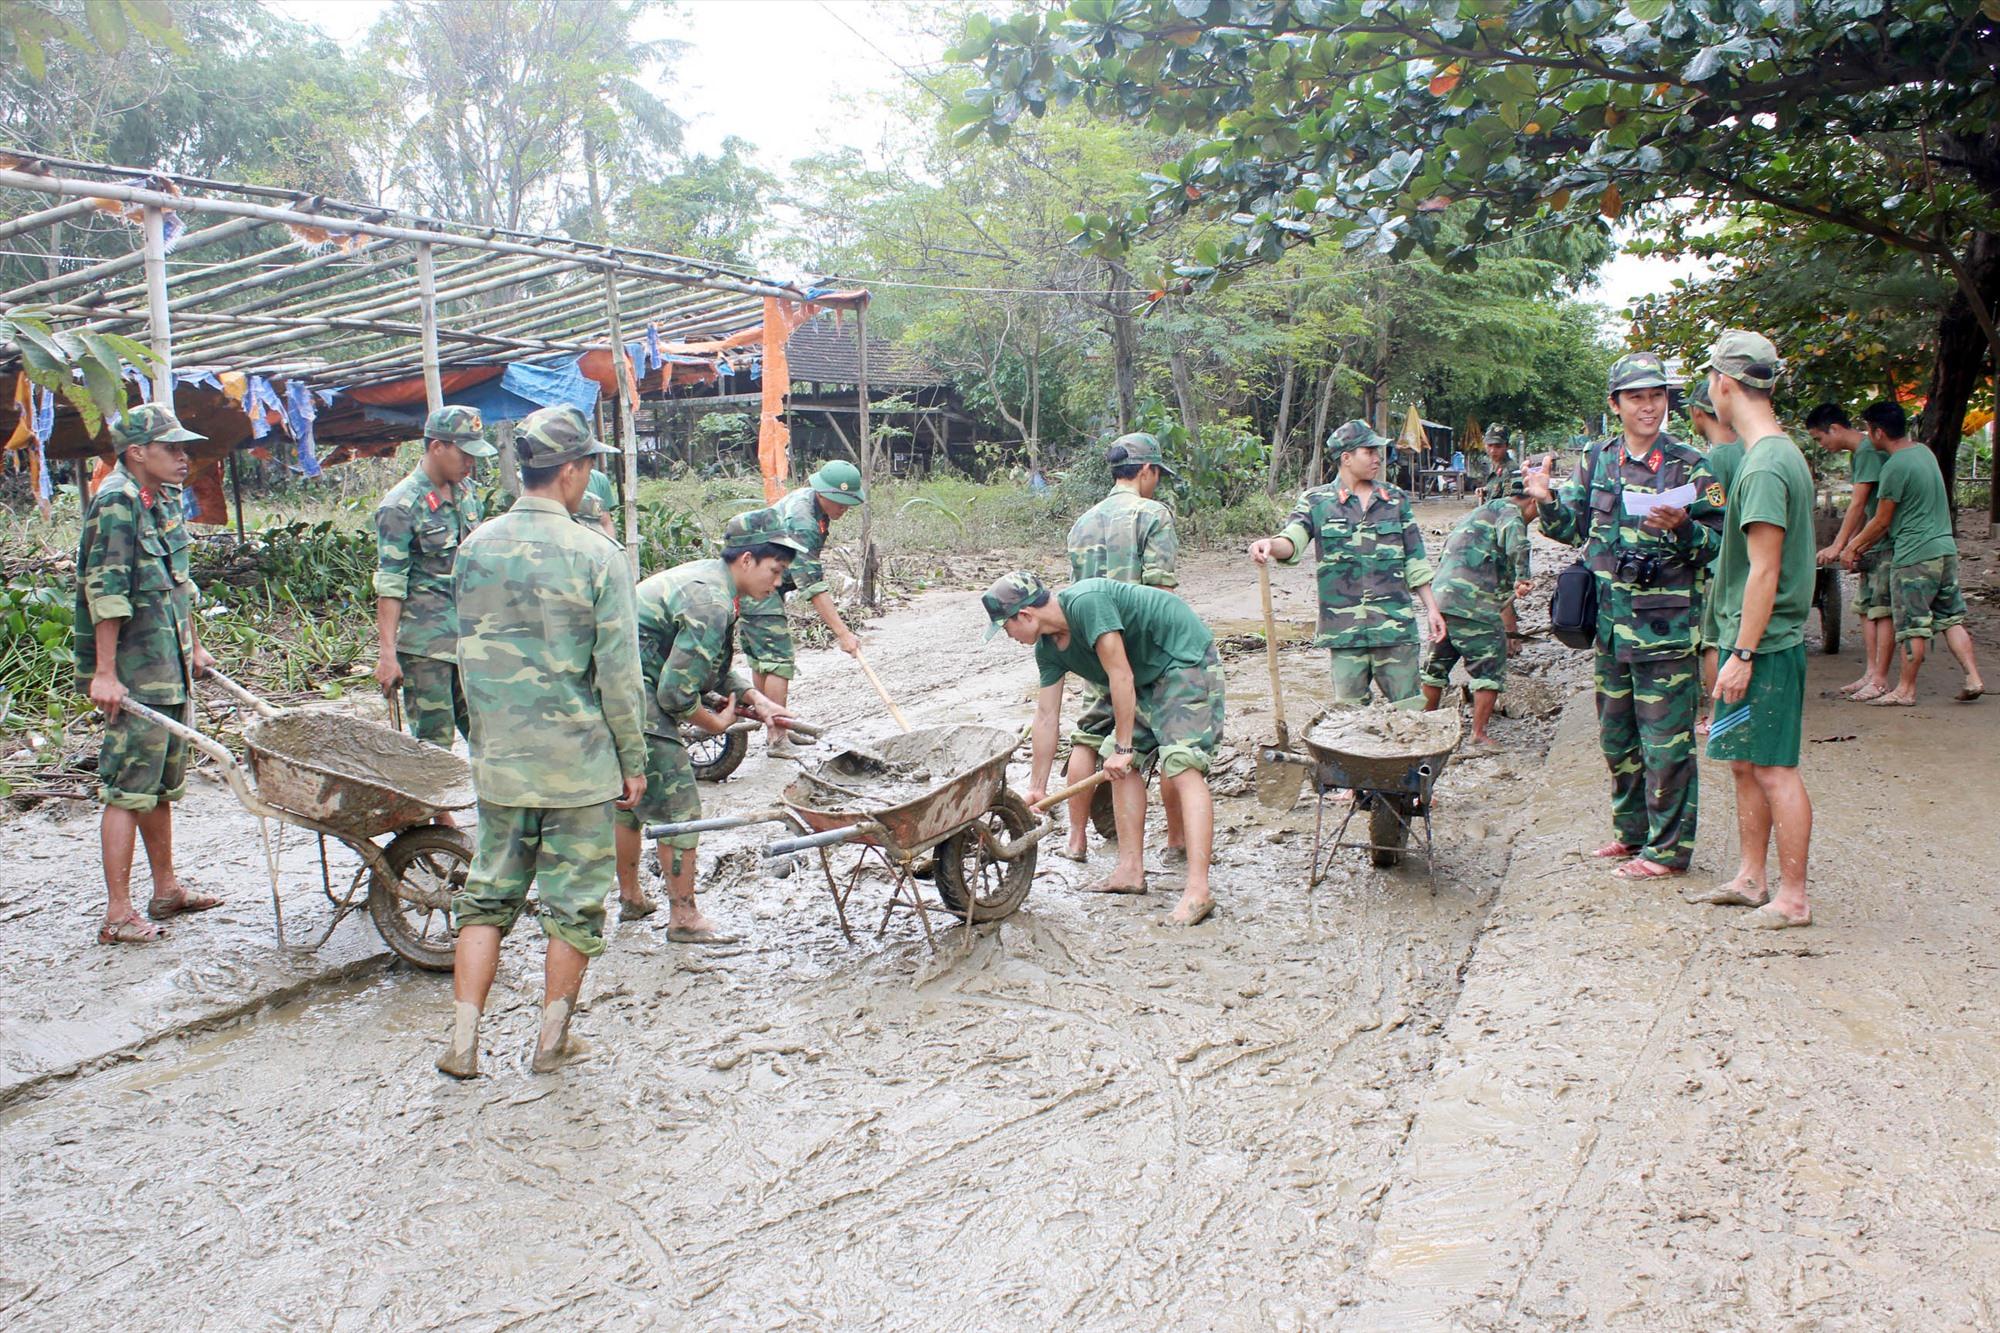 Cán bộ, chiến sĩ Trung đoàn 885 khắc phục hậu quả lũ lụt tại xã Cẩm Kim, TP.Hội An. Ảnh: TUẤN ANH